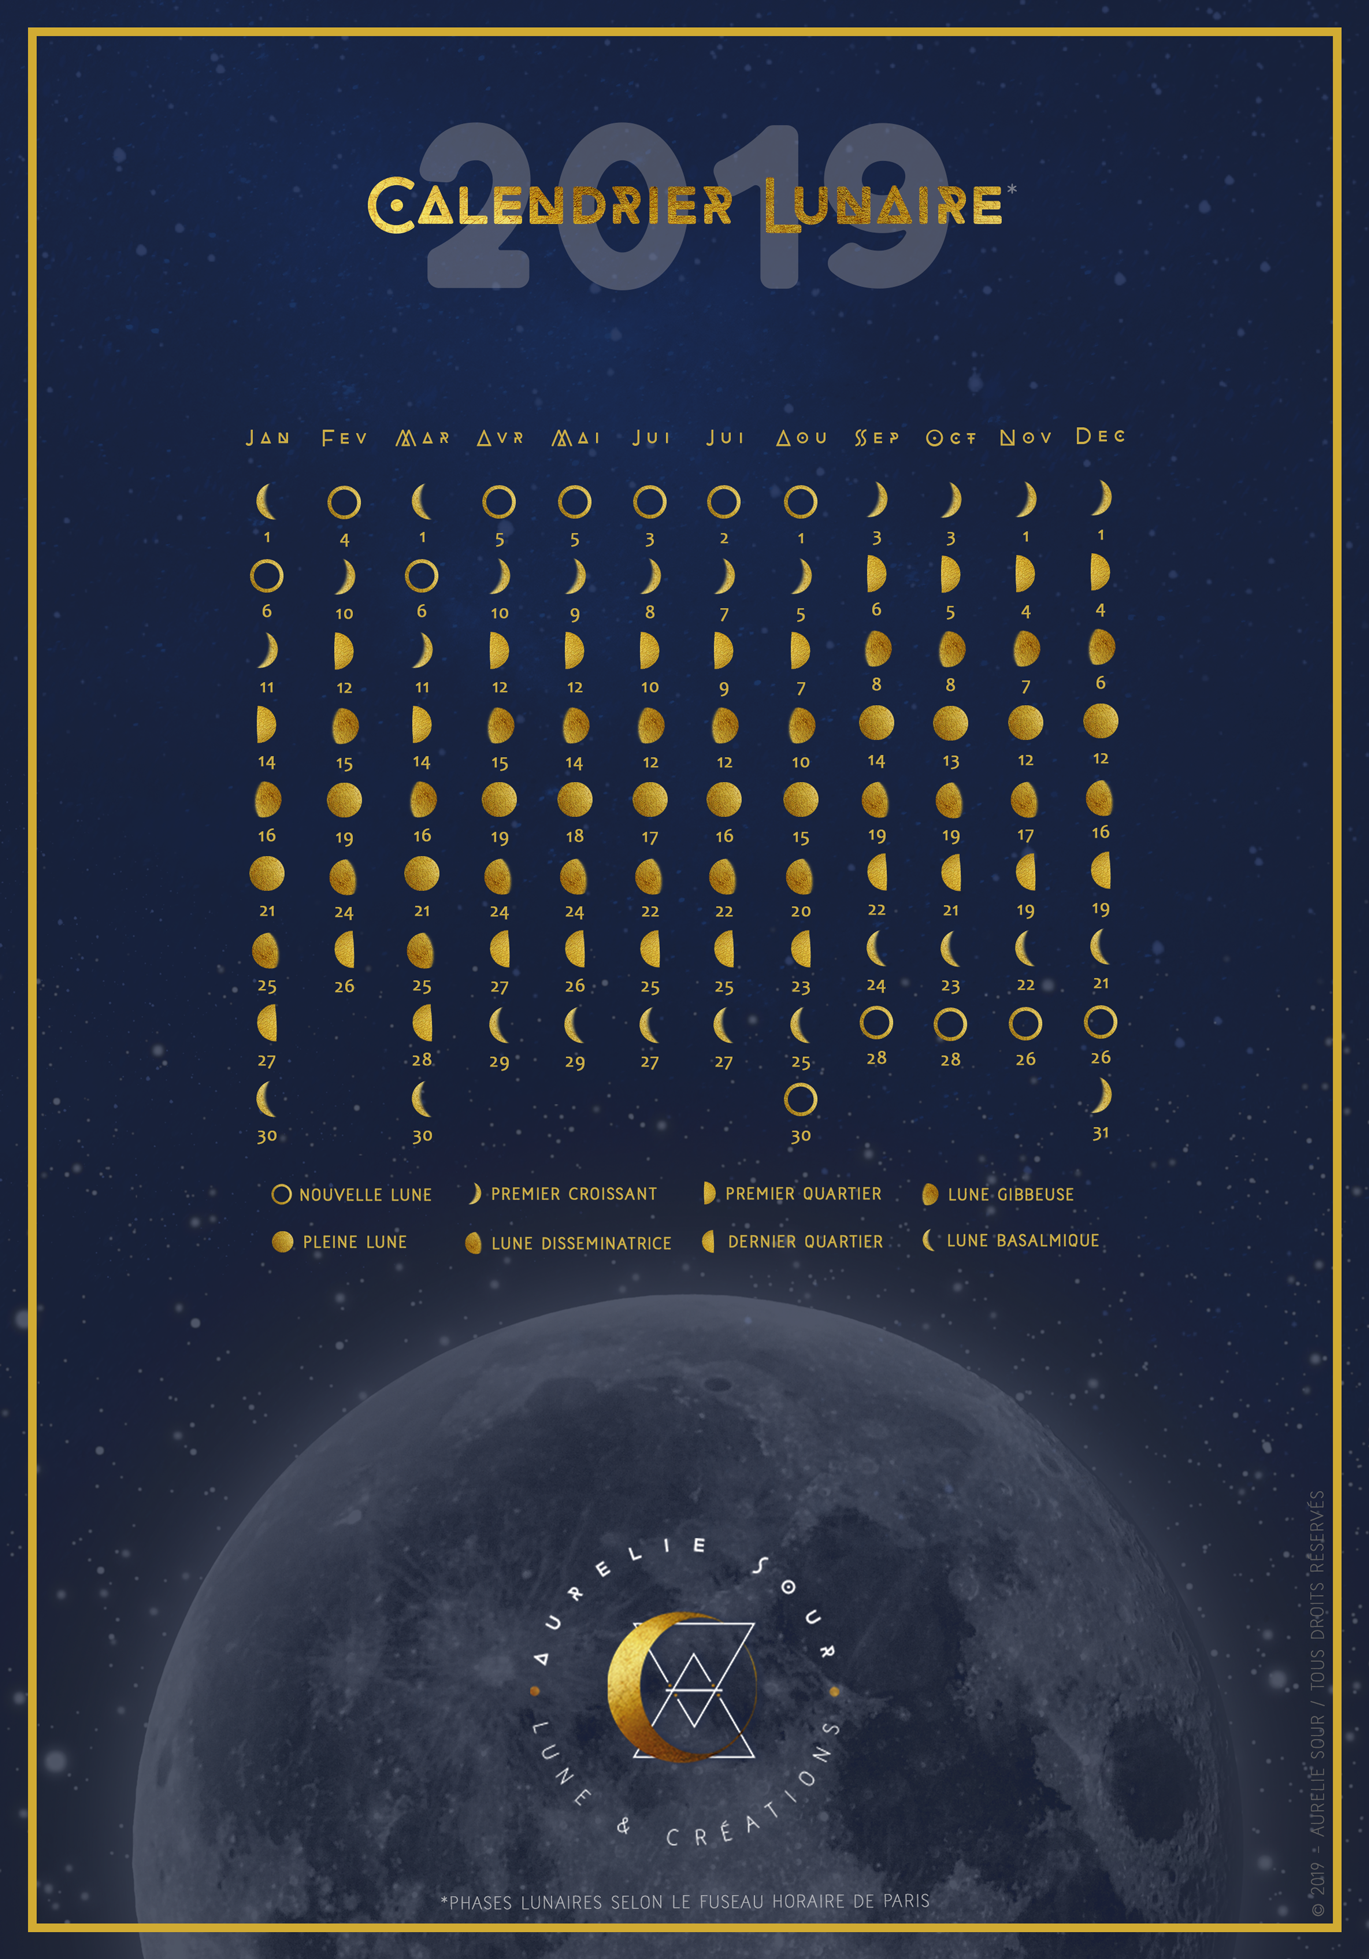 Calendrier Lunaire 2020 Coupe Cheveux.Calendrier Lunaire 2019 Retrouvez Les 8 Phases De Lune